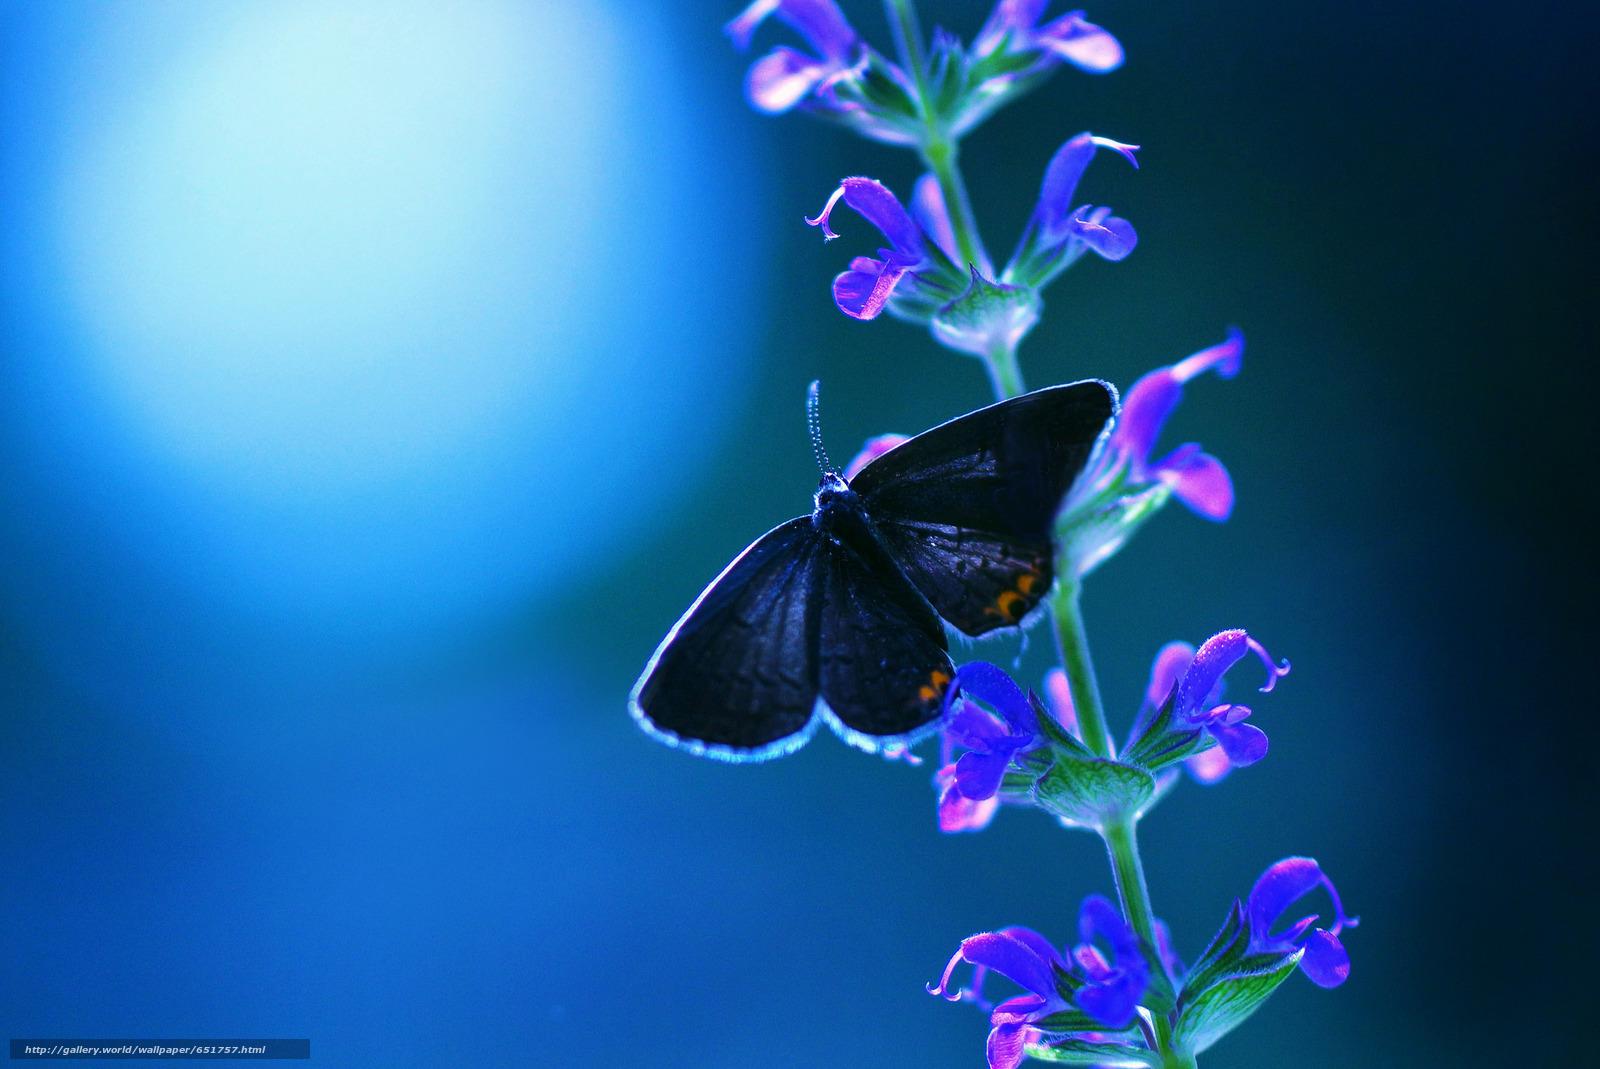 Скачать обои растенте,  цветы,  бабочка,  макро бесплатно для рабочего стола в разрешении 2048x1368 — картинка №651757